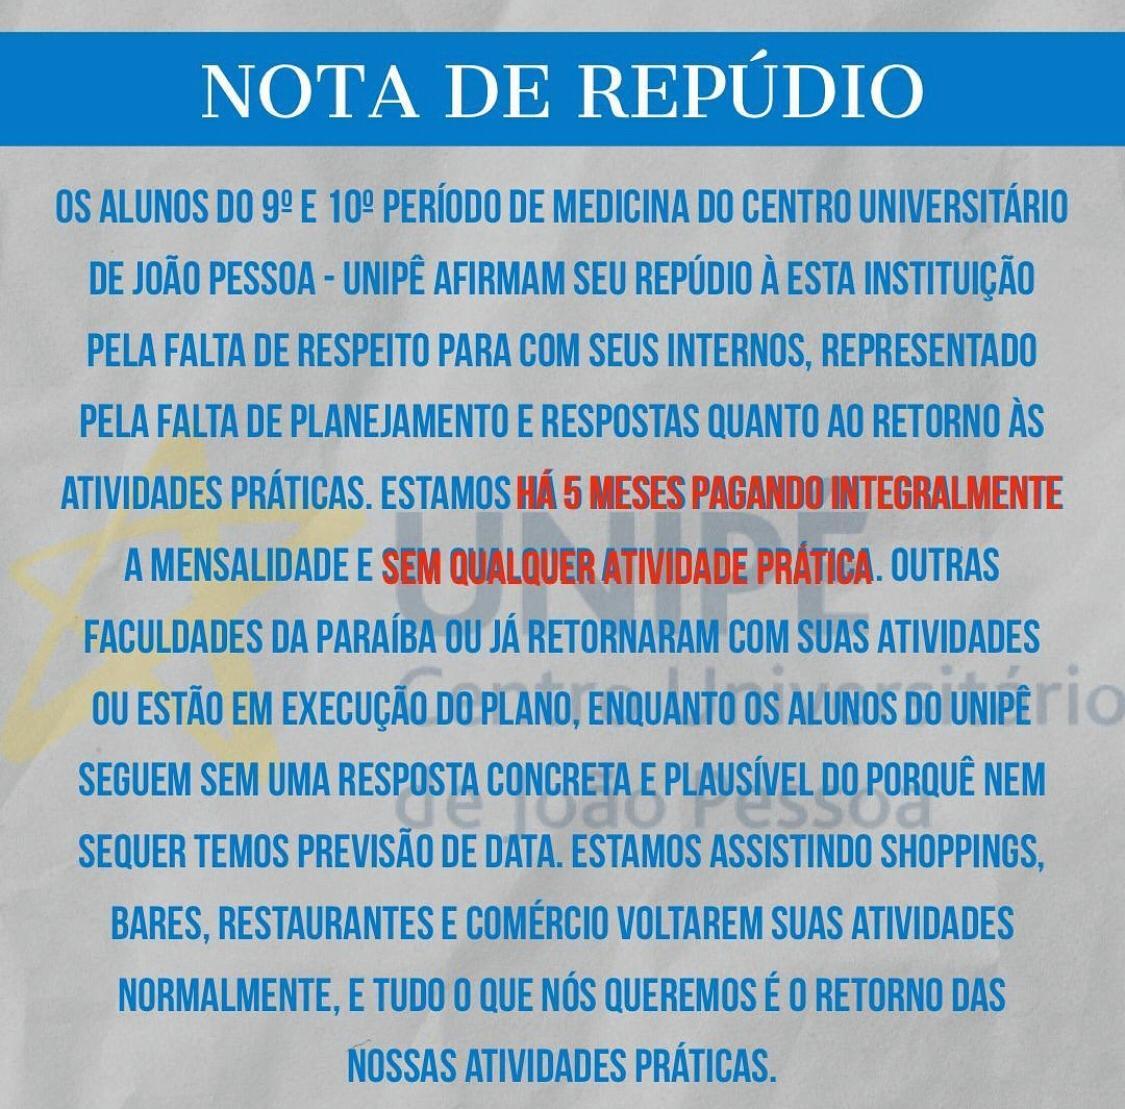 WhatsApp Image 2020 08 10 at 21.04.44 - NOTA: alunos de medicina da Unipê reclamam que estão pagando mensalidade integralmente e cobram retorno das aulas